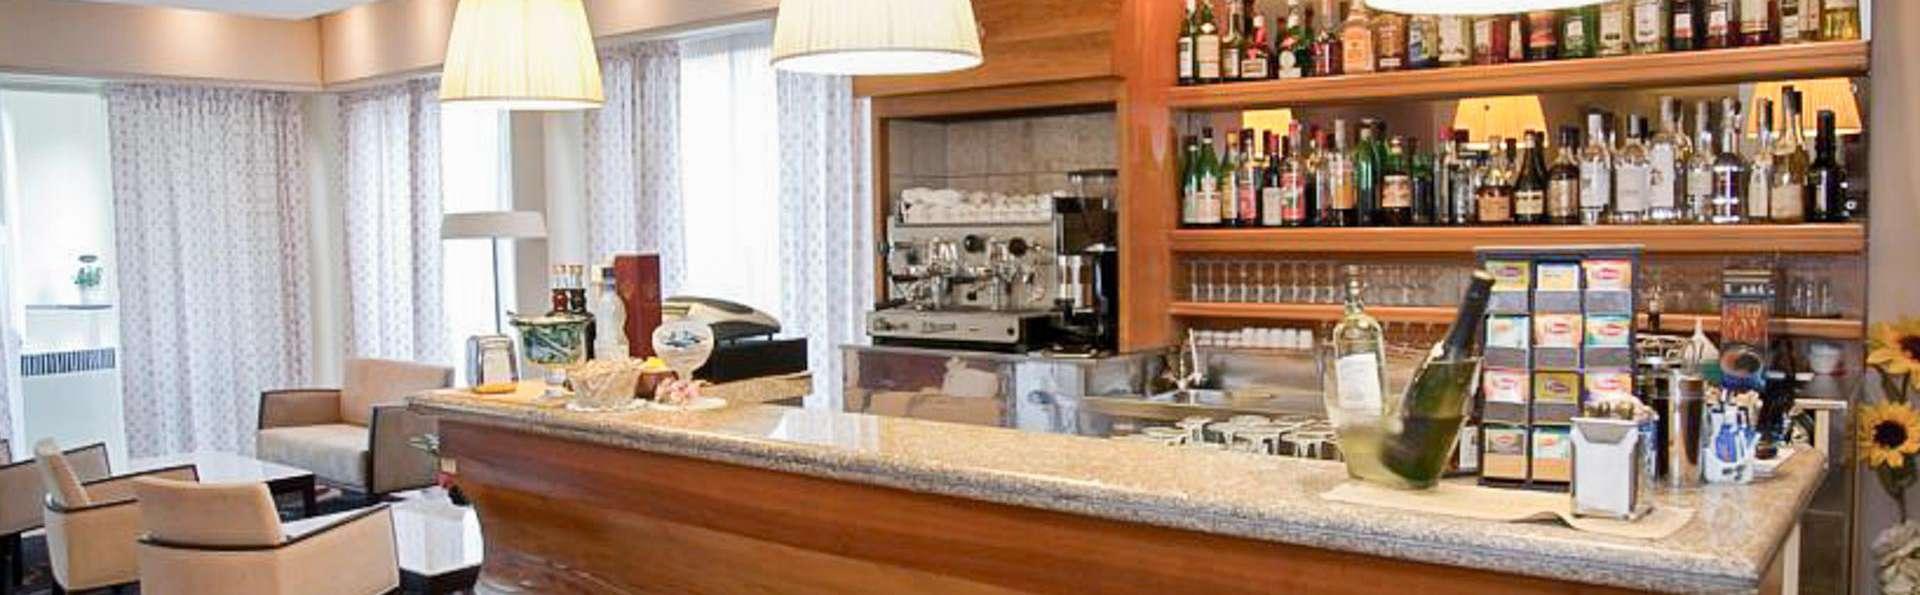 Hotel Mauro - EDIT_BAR_01.jpg